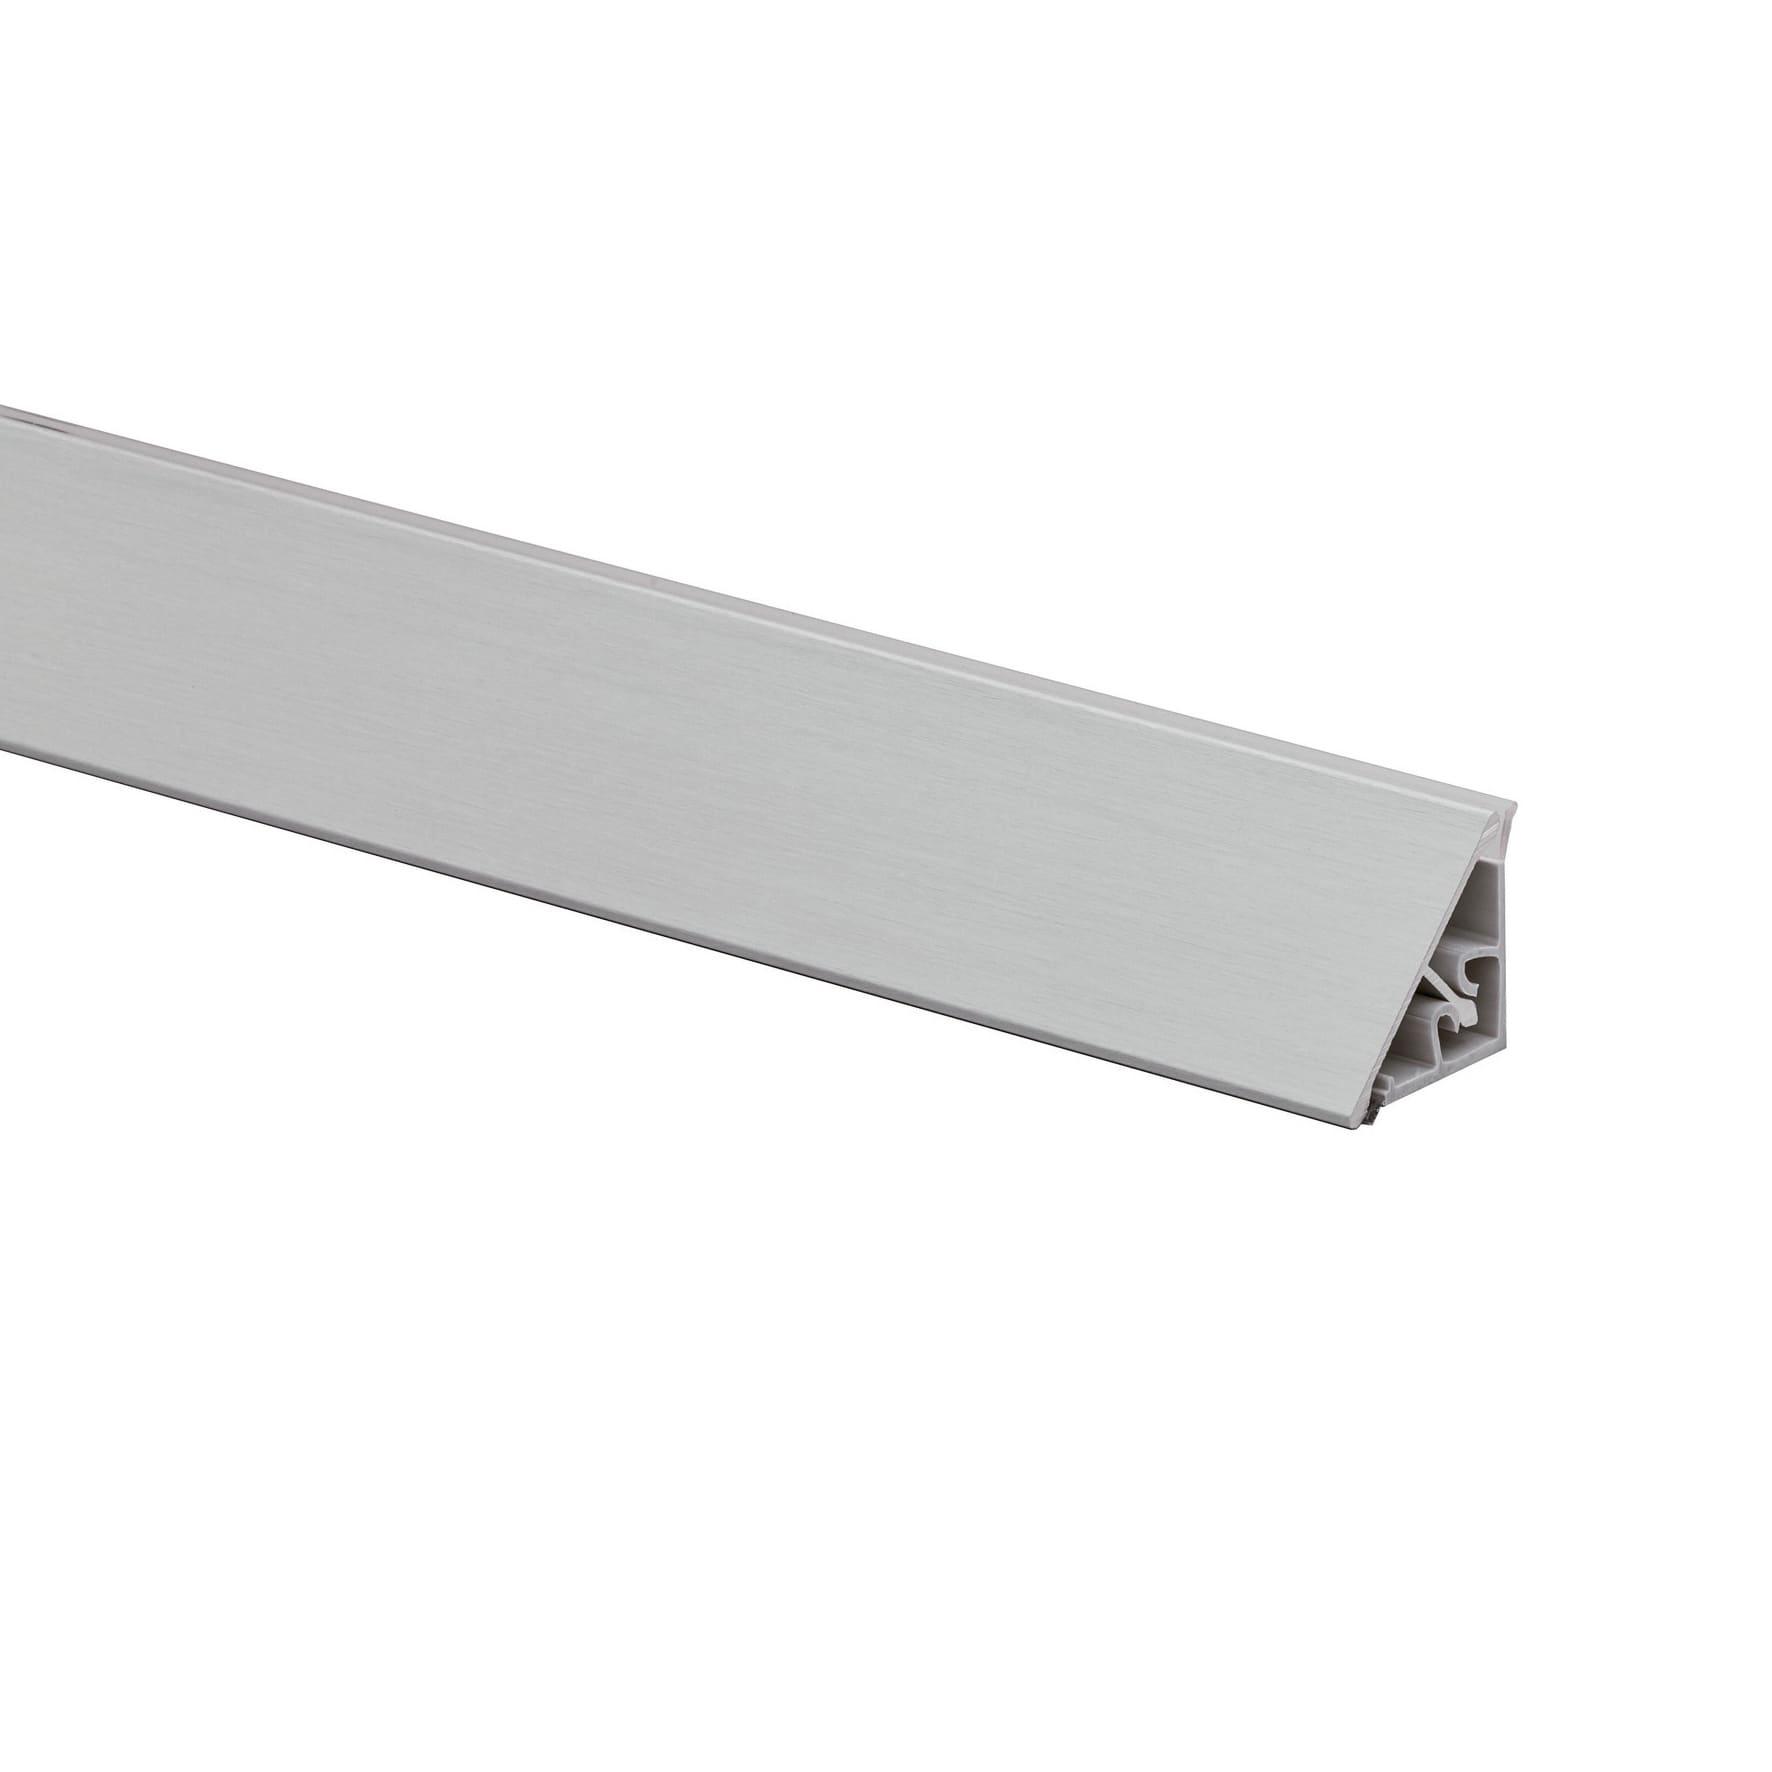 Alzatina Alluminio Per Cucina alzatina alluminio grigio l 300 x sp 2.7 cm